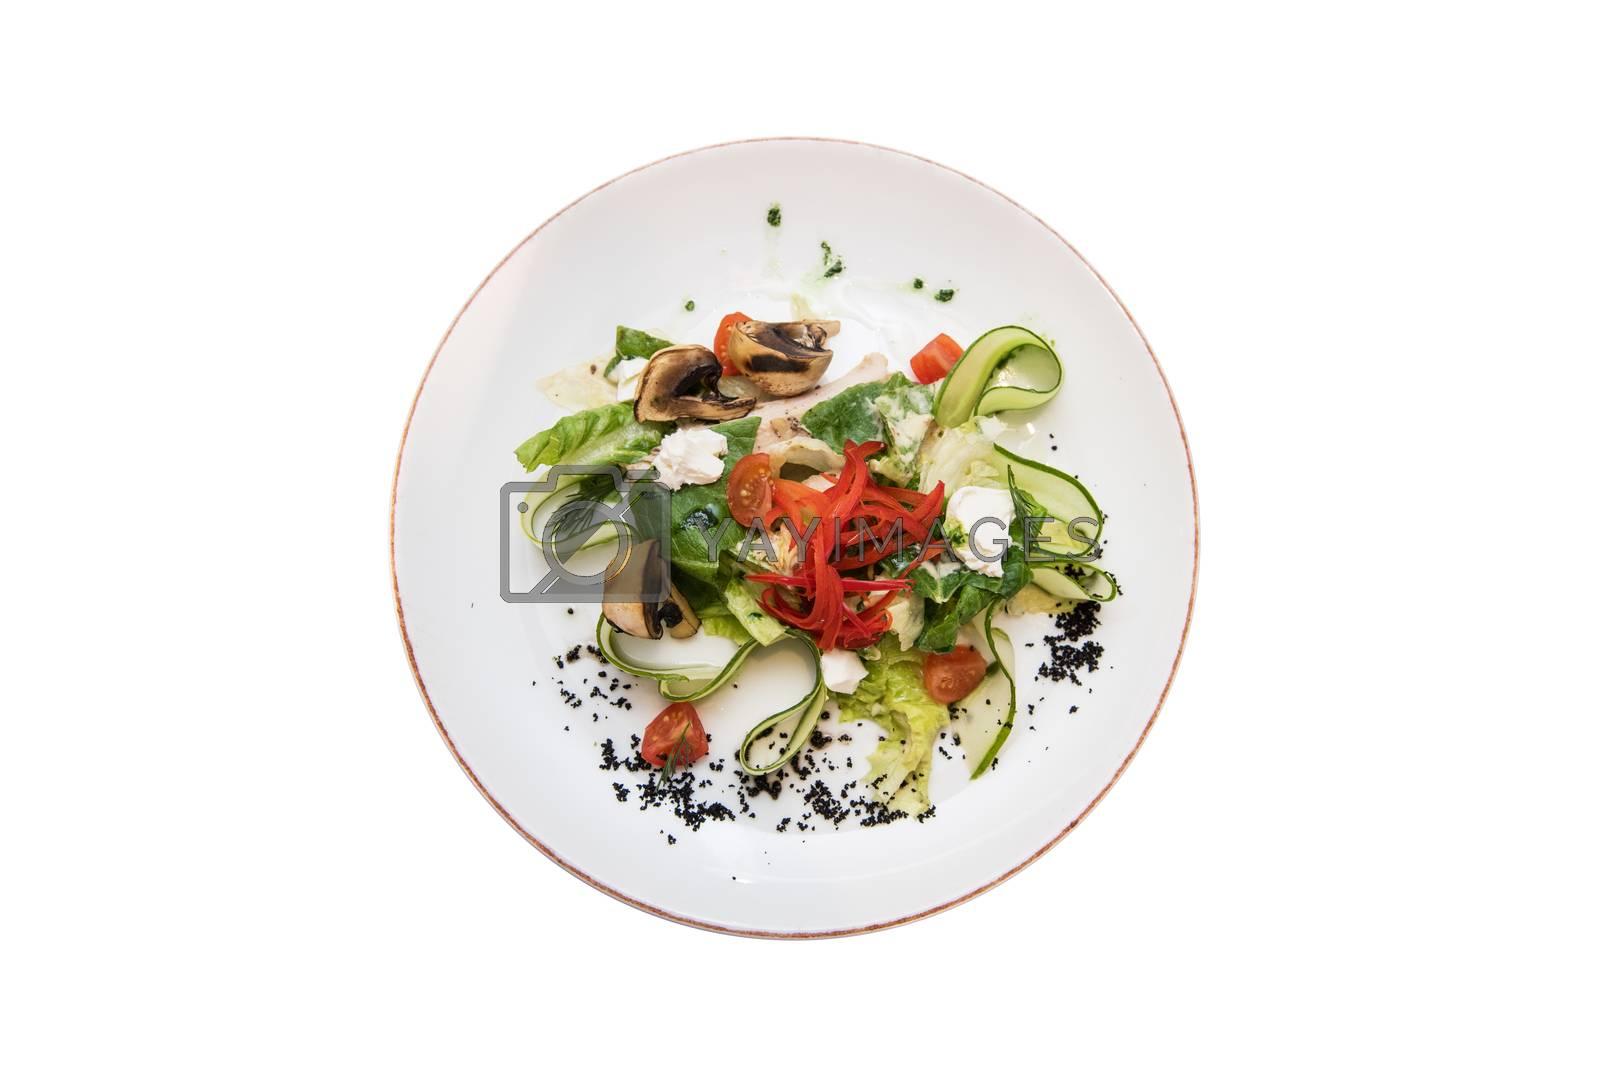 Mushroom garden vegetable salad isolated on white